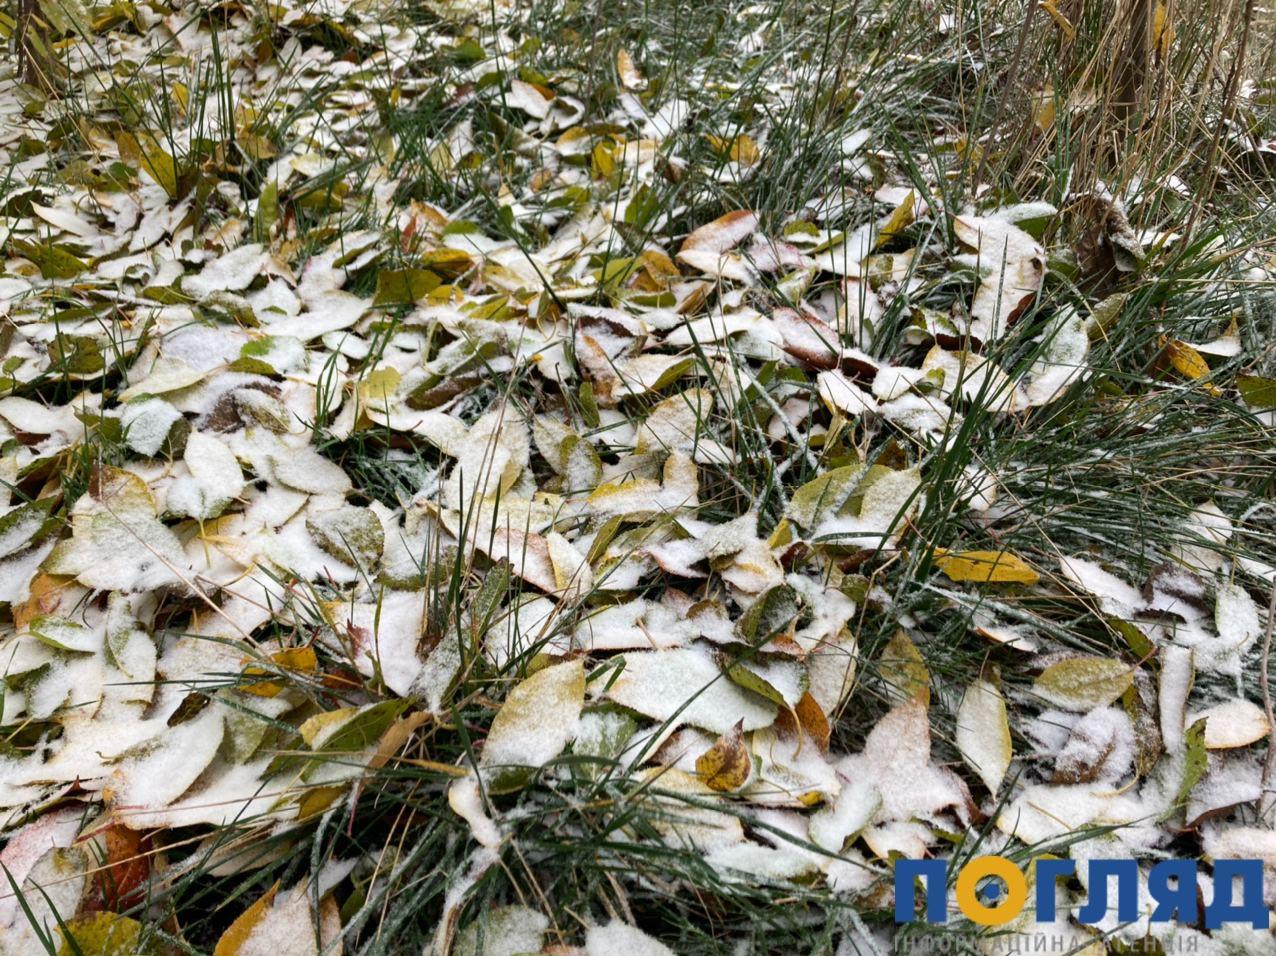 Погода 18 листопада на Київщині: вночі мокрий сніг, вдень без опадів - прогноз погоди, погода - 18 pogoda2